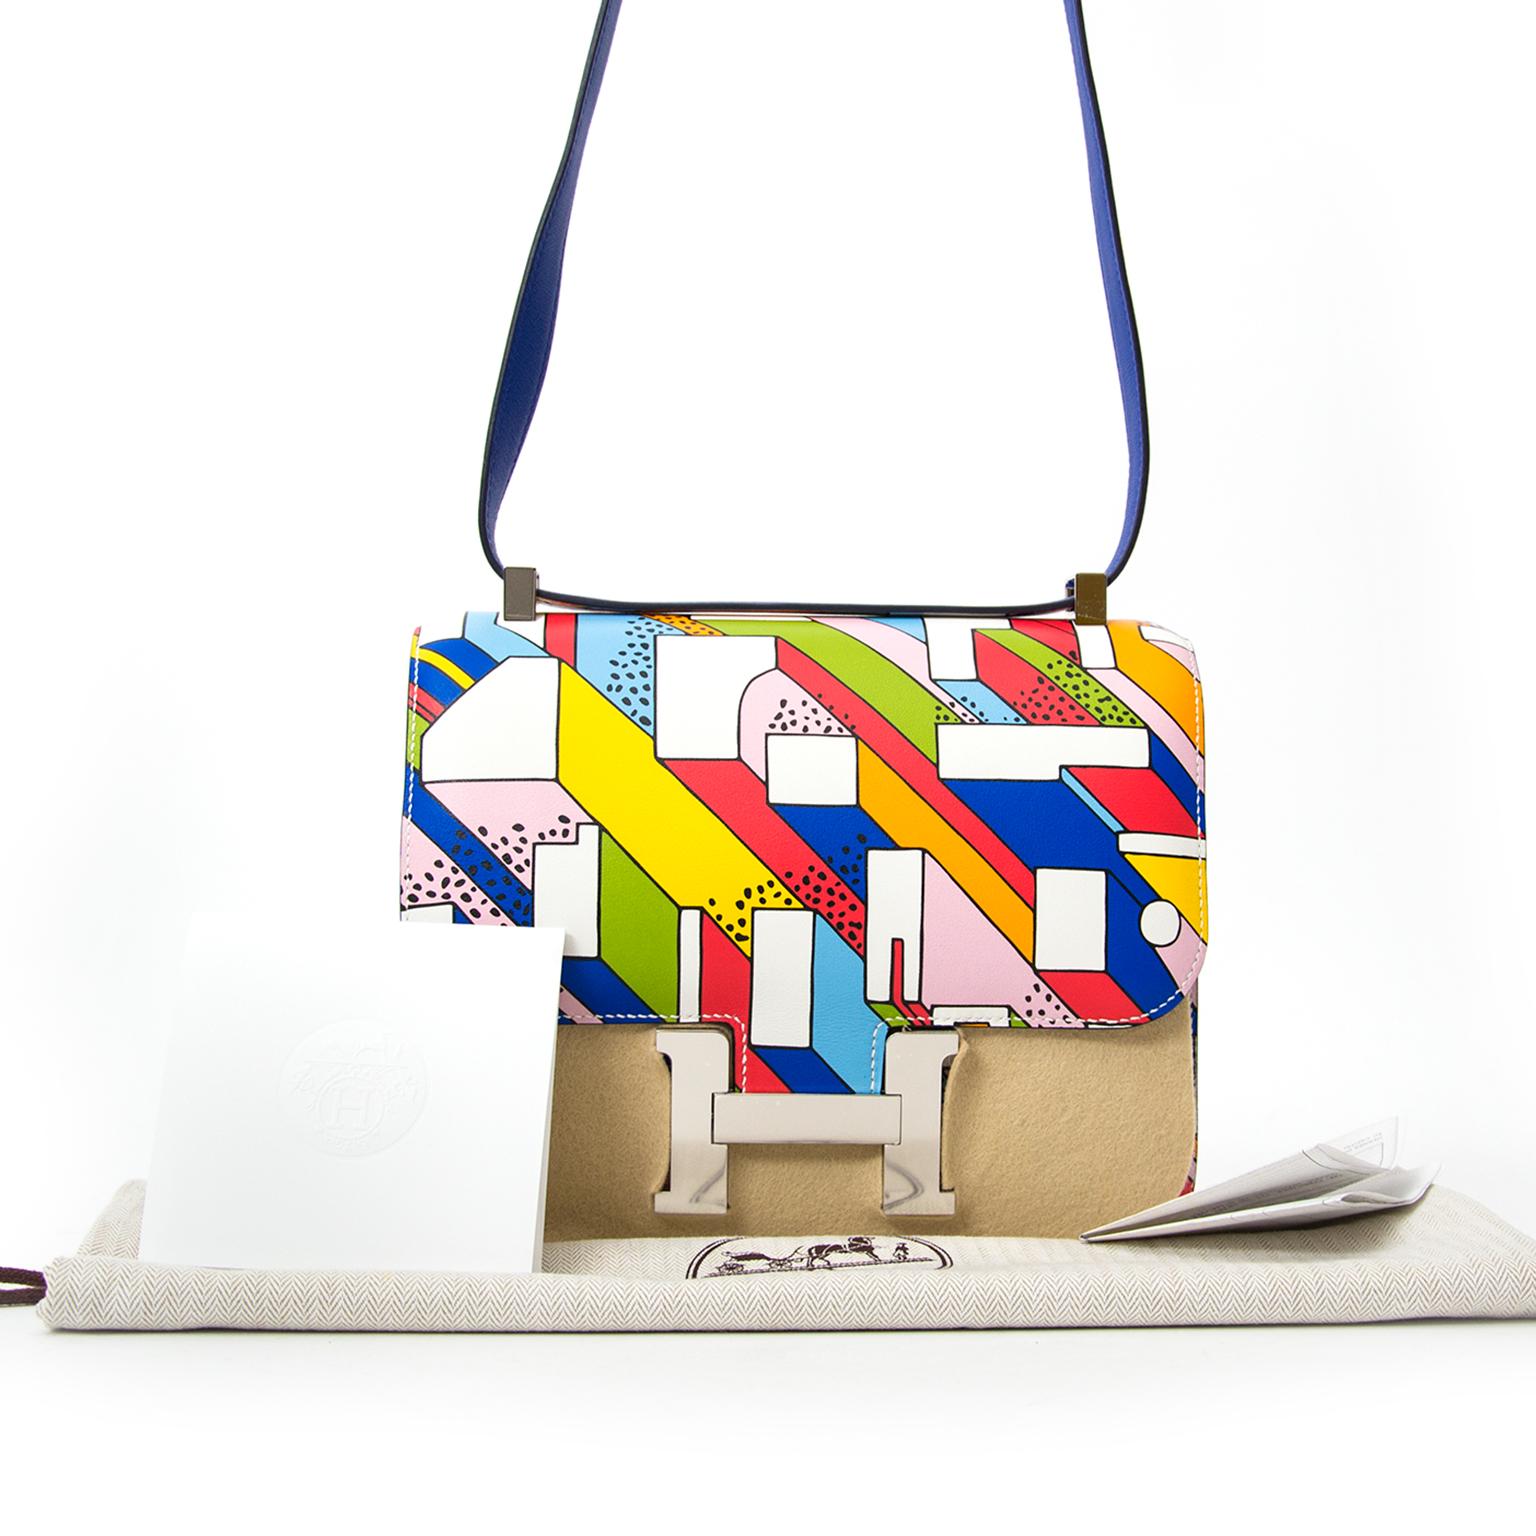 koop online aan de beste prijs acheter en lligne pour le meilleur prix Hermès Constance 24 Swift On A Summer Day Blanc/Multicolore